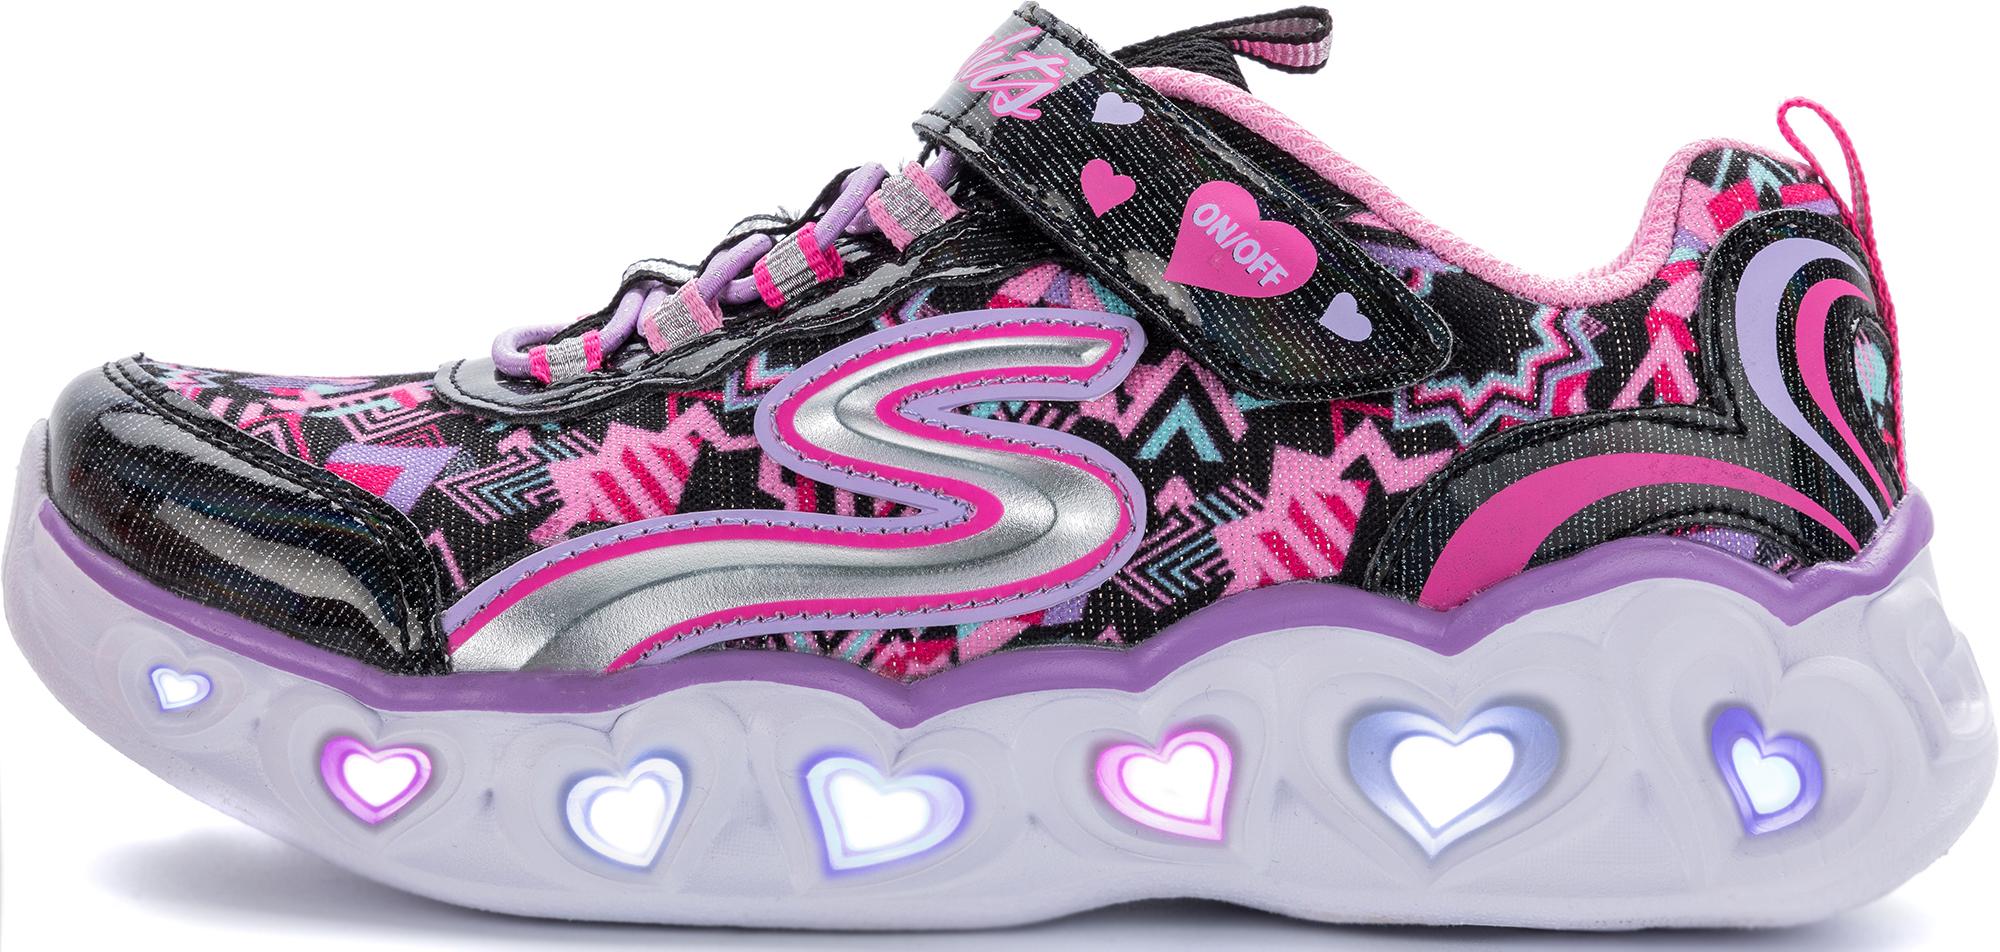 Skechers Кроссовки для девочек Skechers Heart Lights Love Lights, размер 34